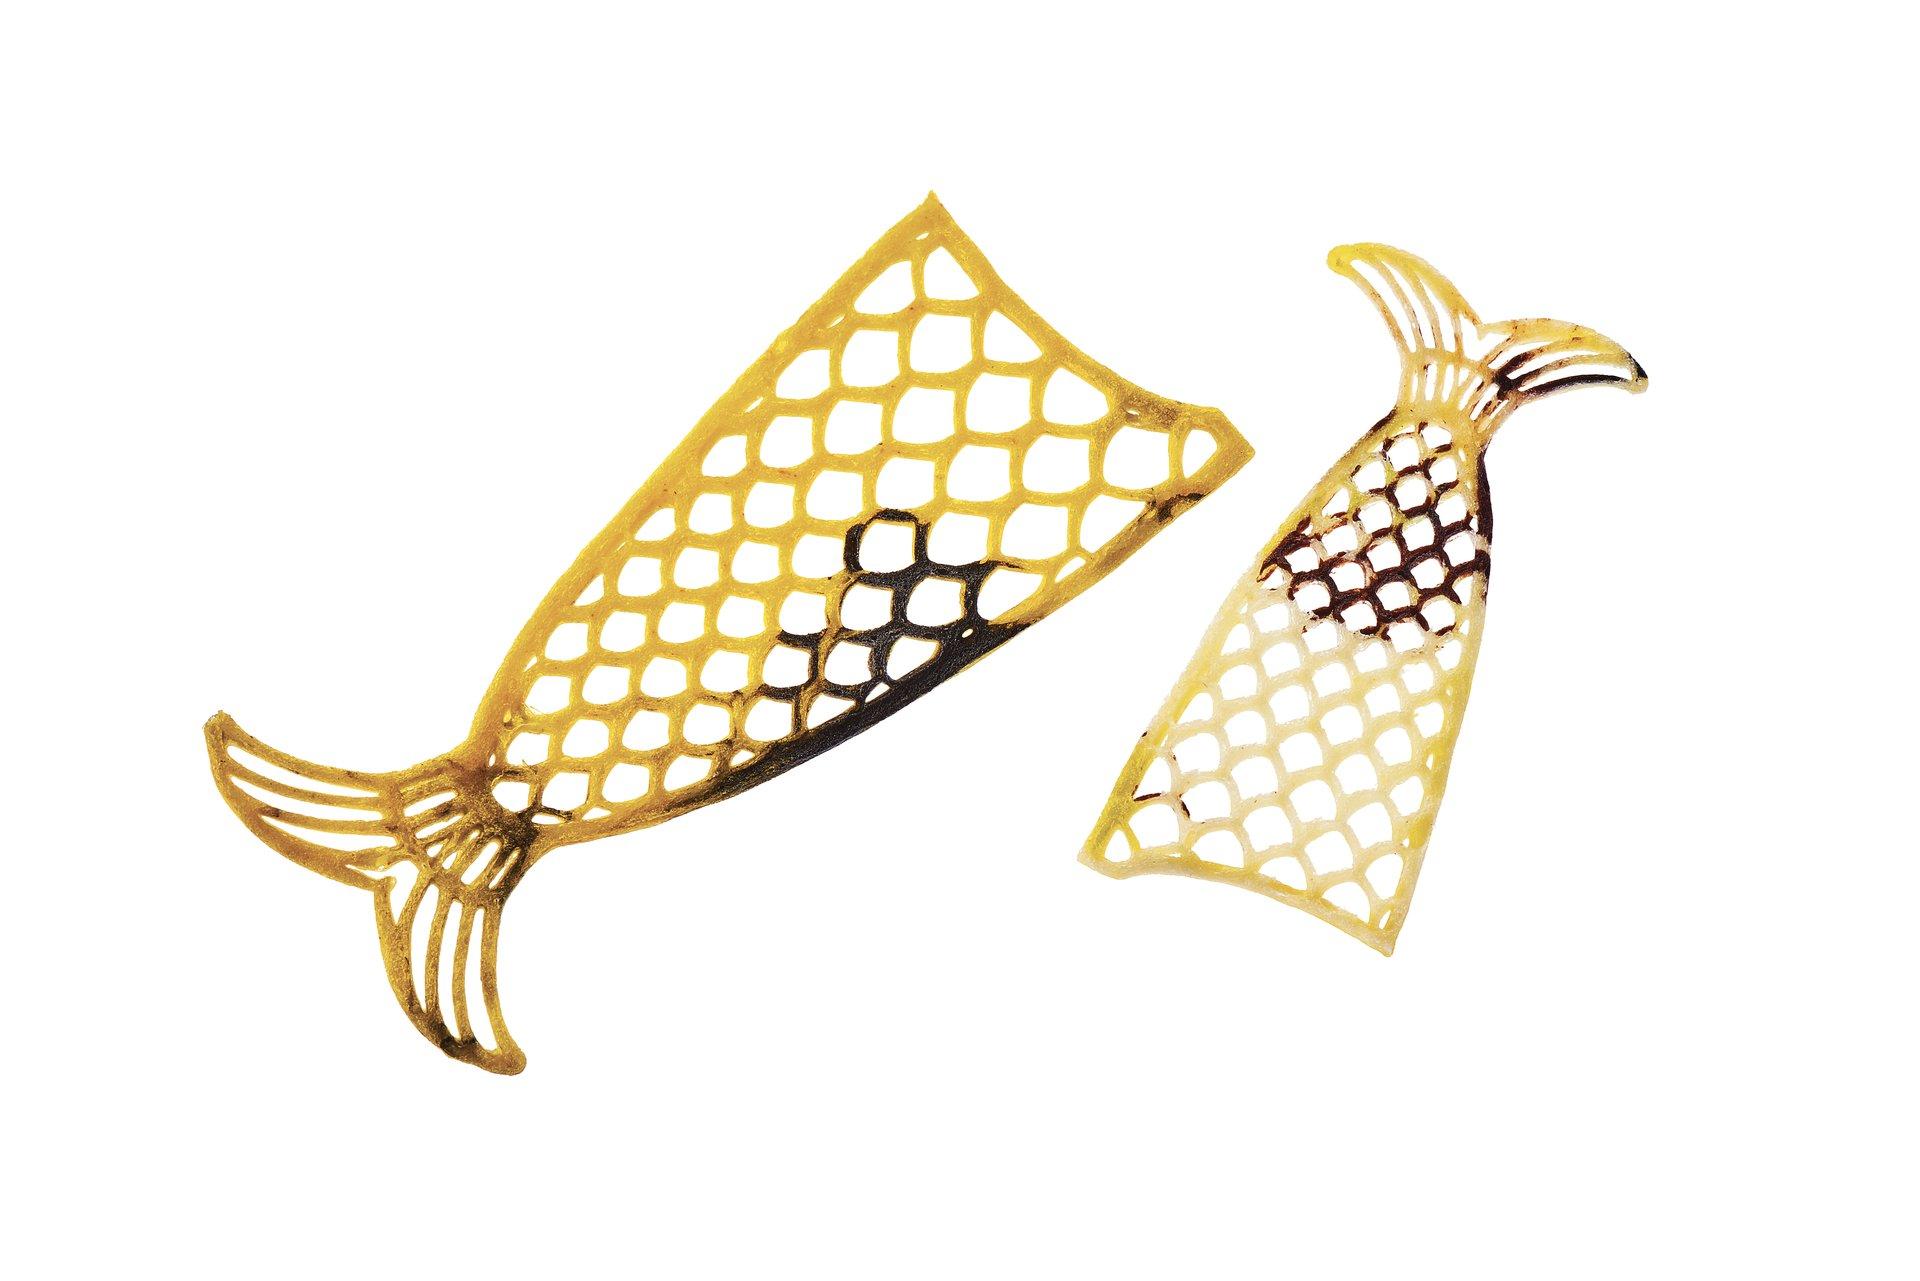 Acquista il prodotto DecorArt - Coda di pesce piccola